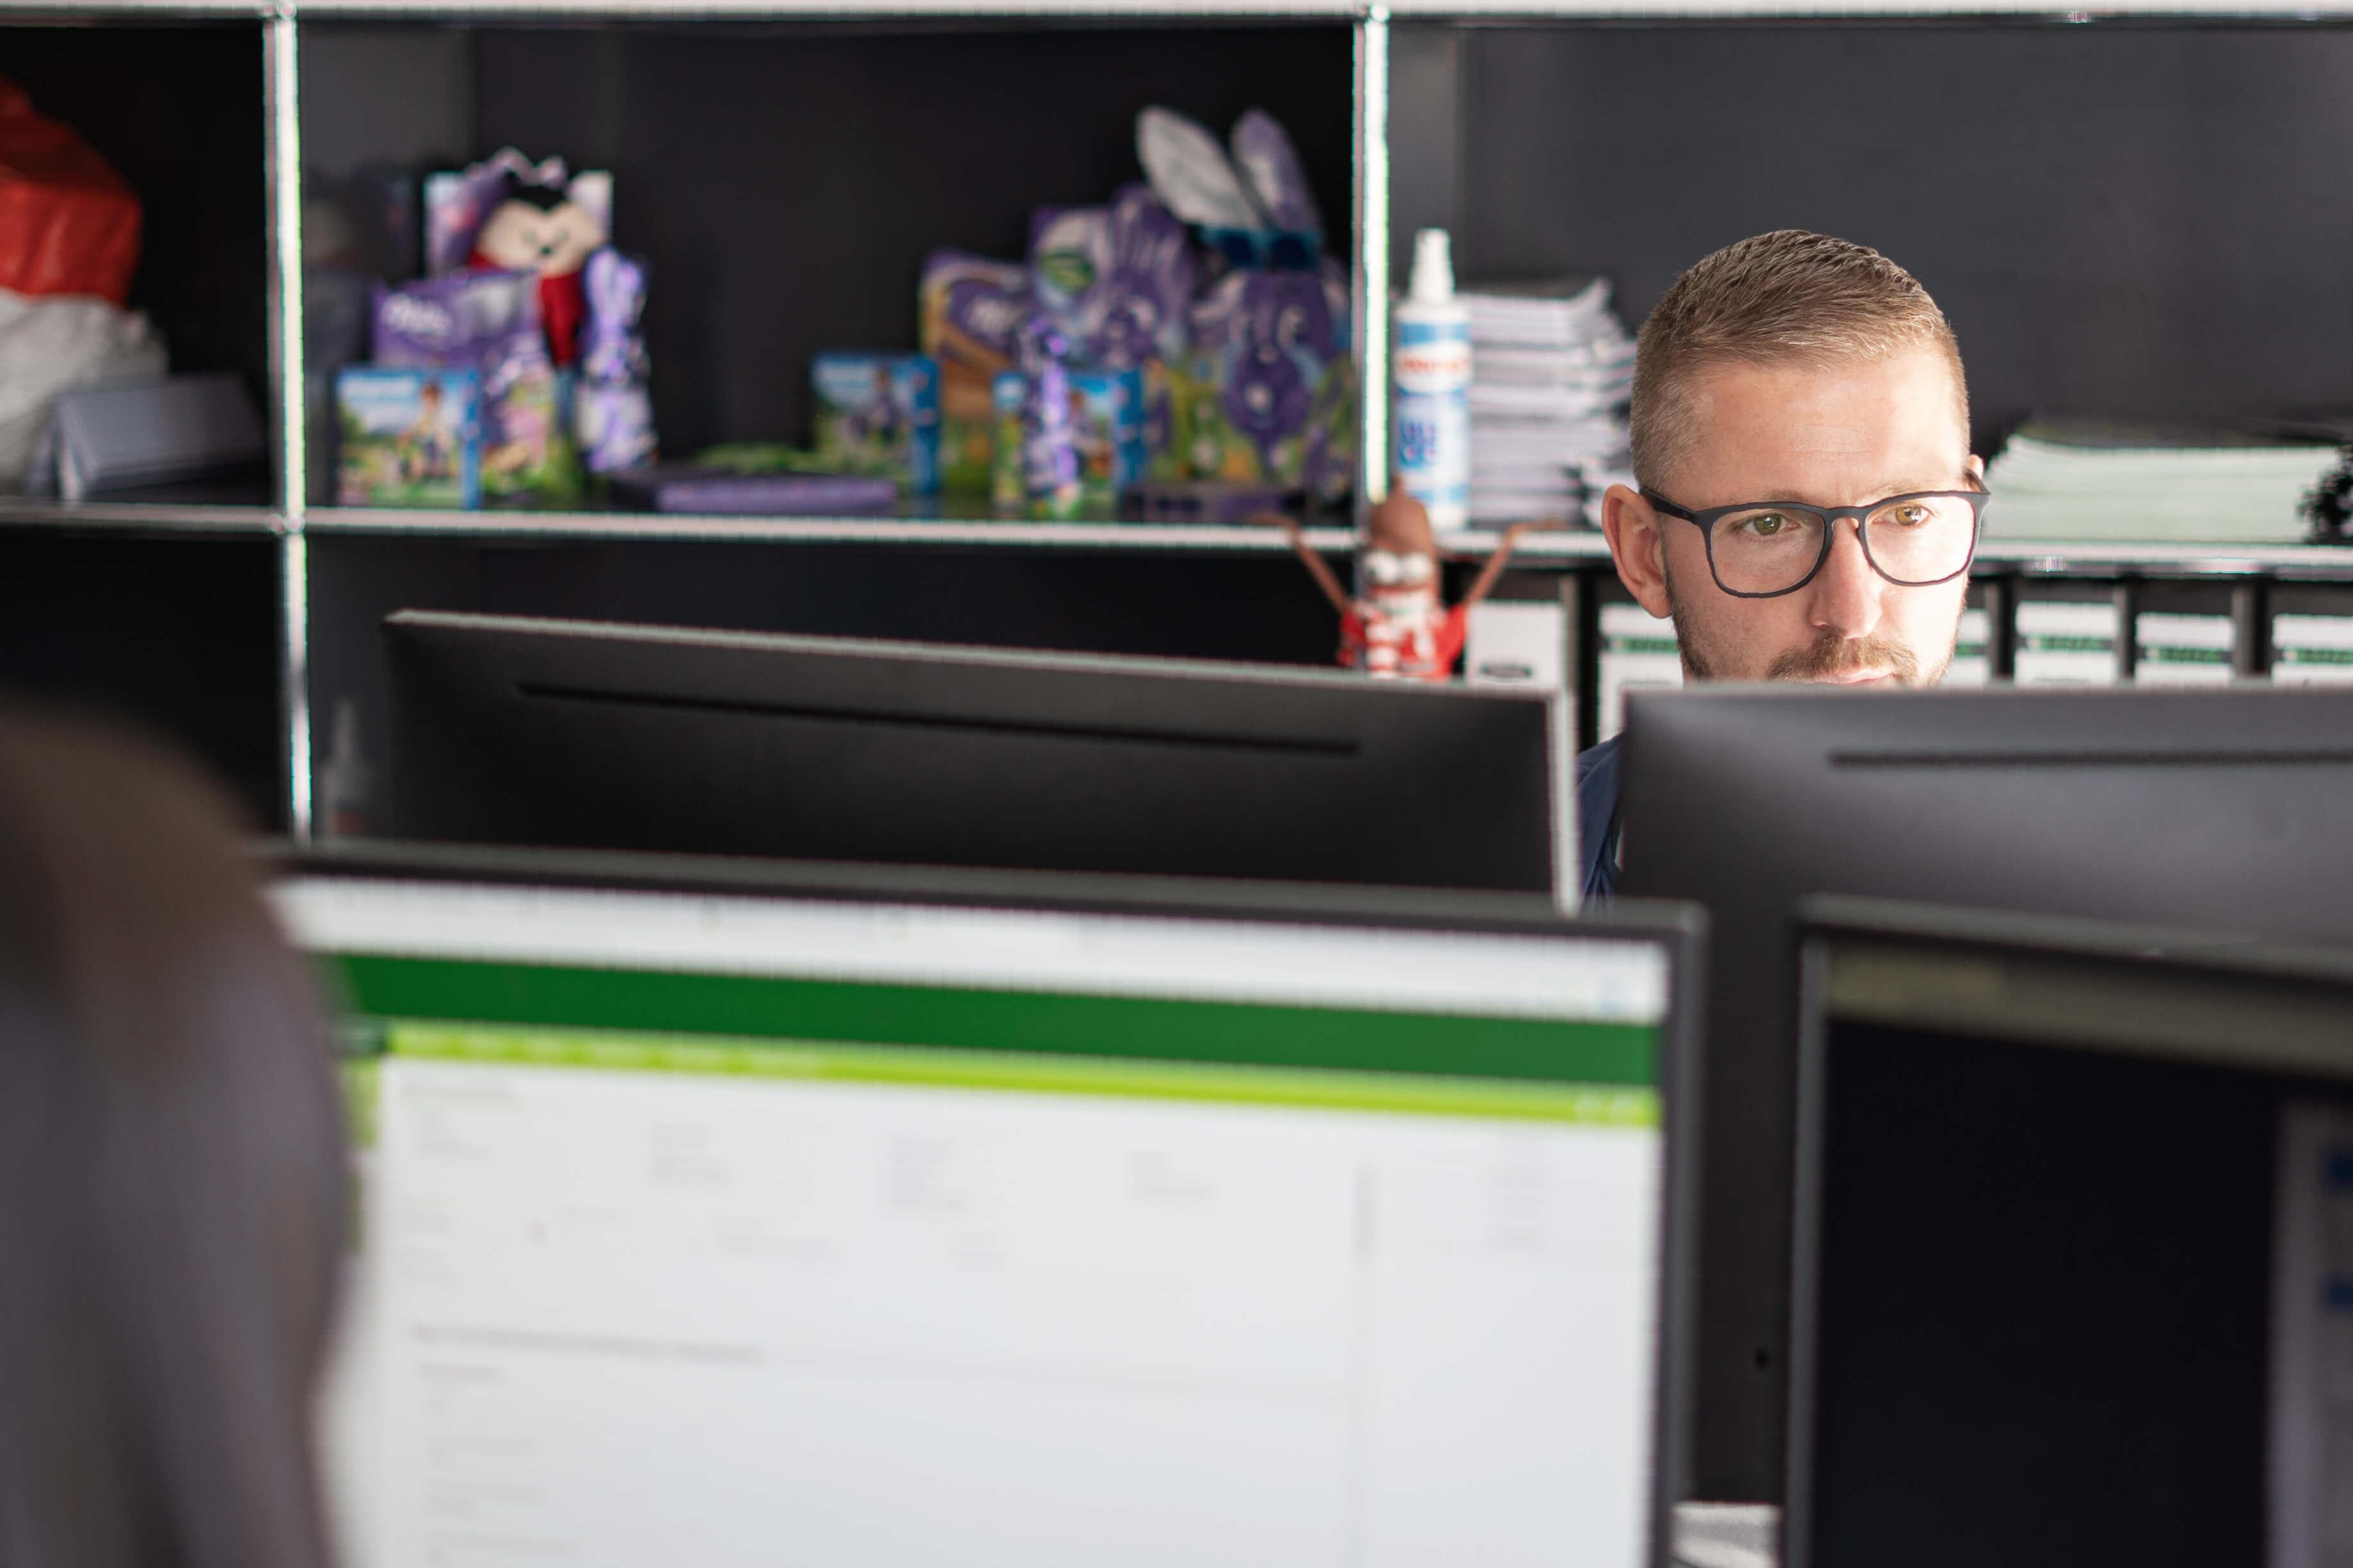 Ein Mann sitzt am Arbeitsplatz